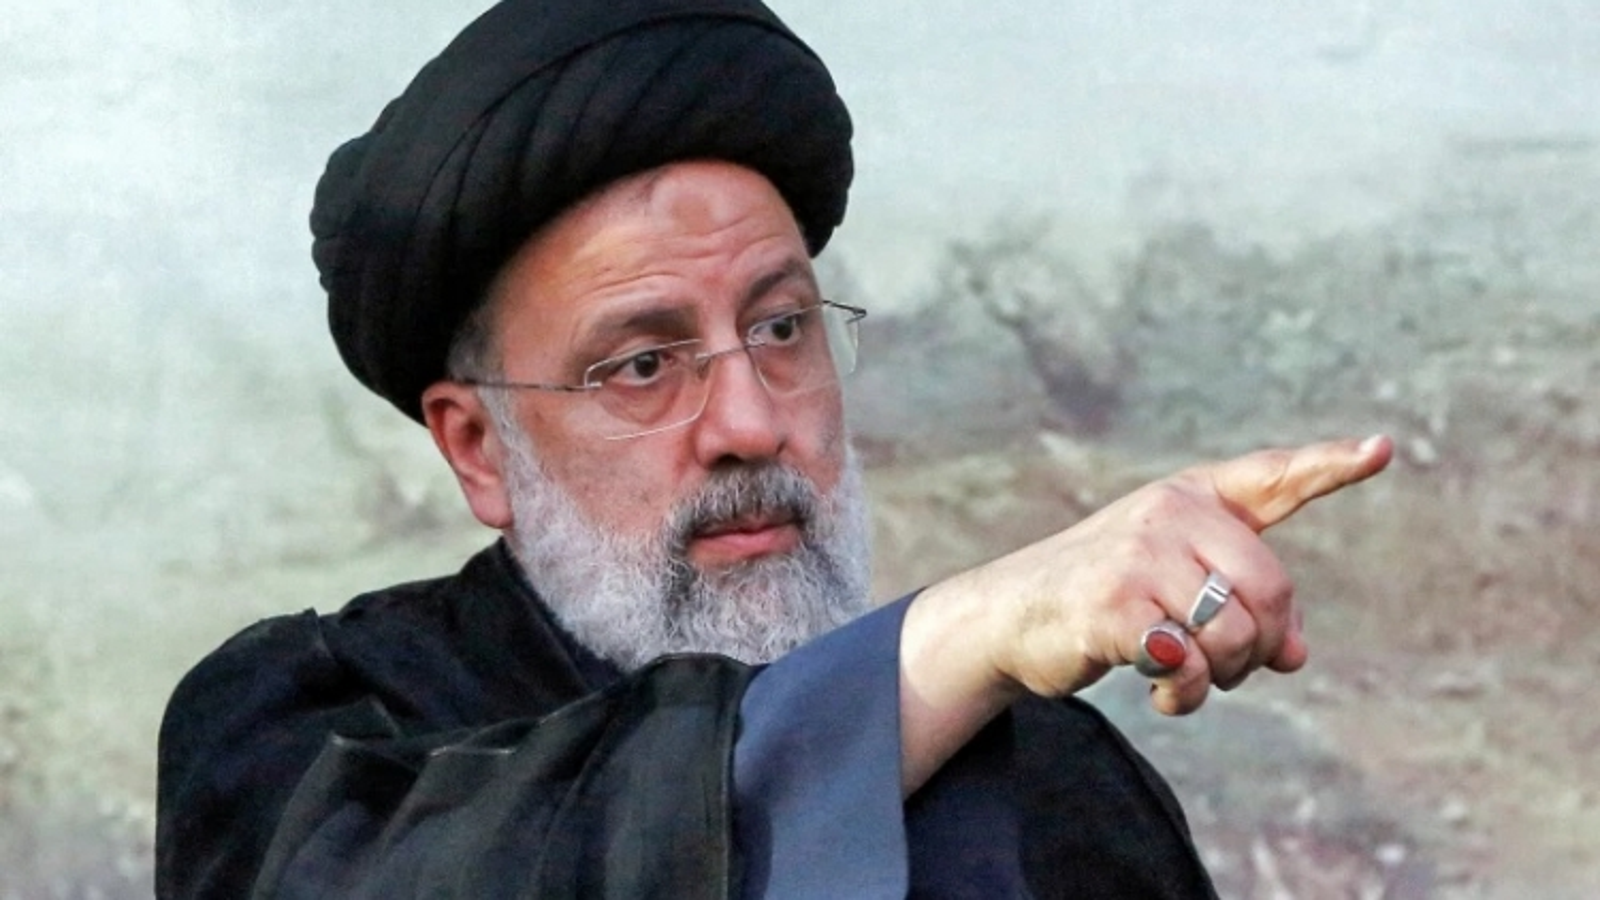 Đàm phán hạt nhân sẽ về đâu sau lễ nhậm chức của Tổng thống Iran?